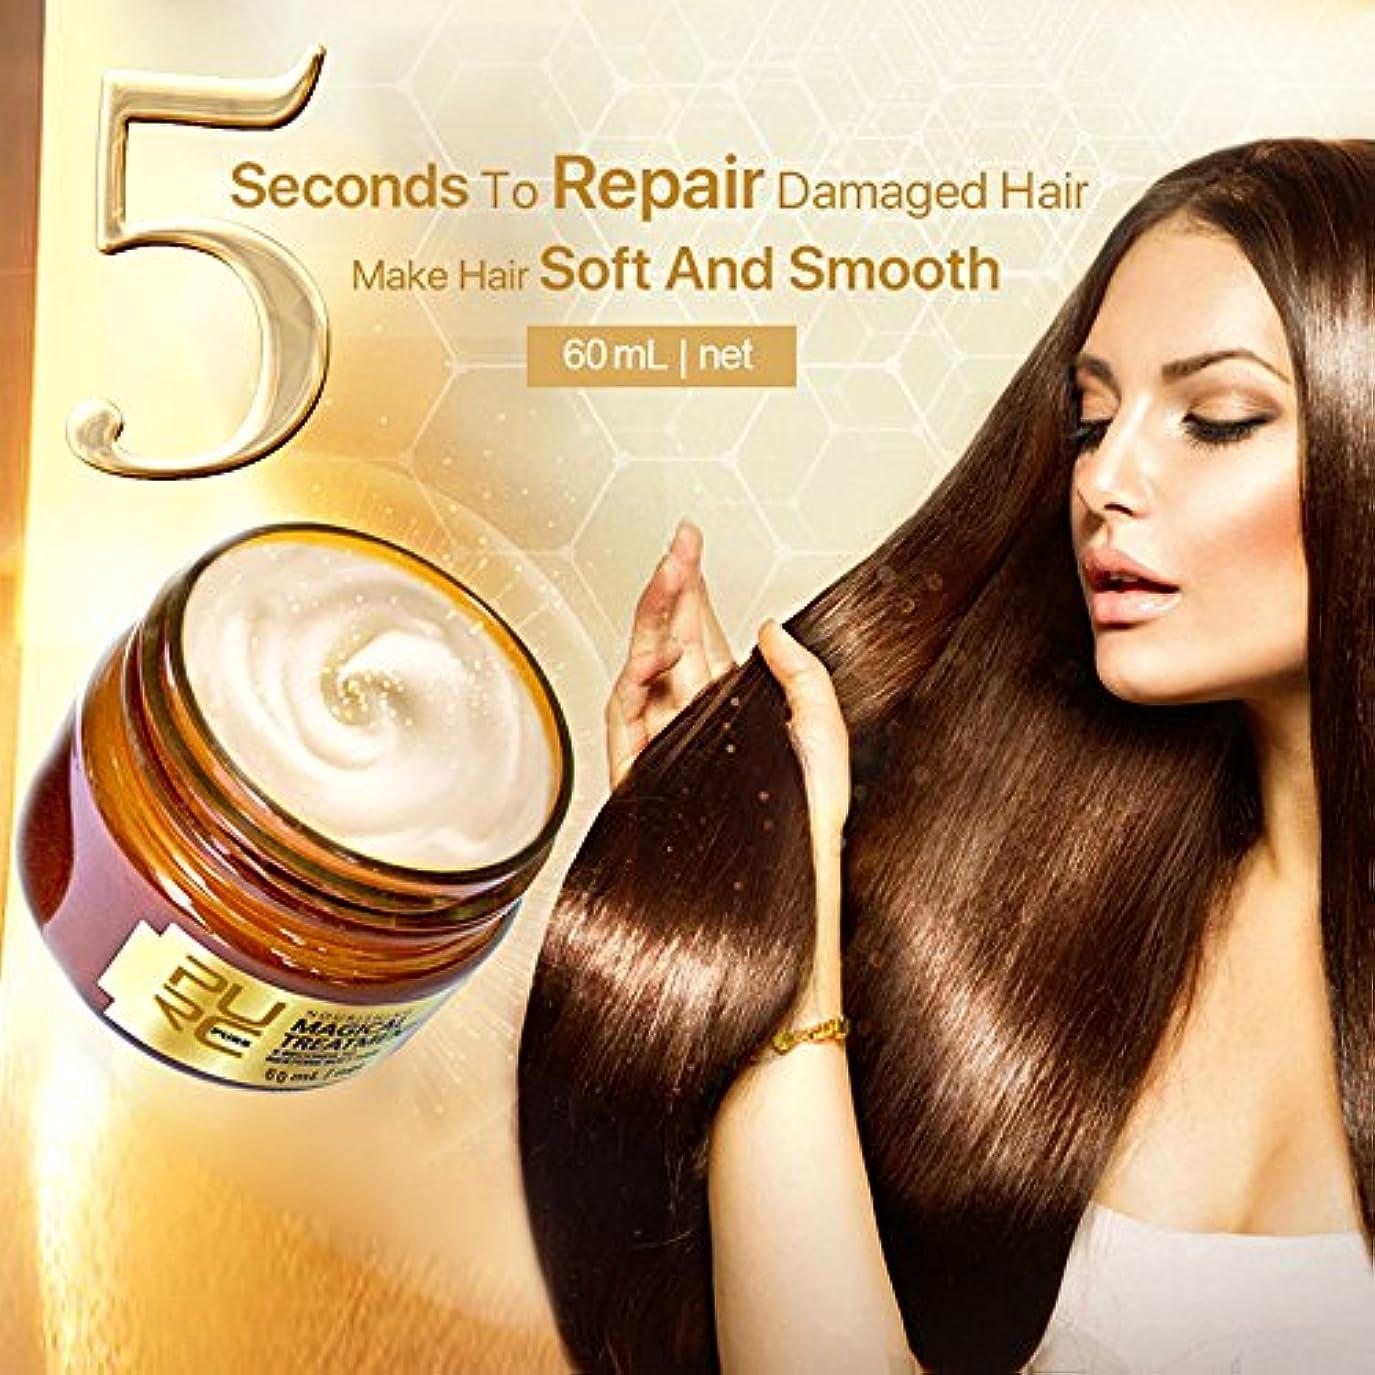 アウトドア保険レジディープリペア軟膏ヘアマスク 高度な分子 毛根治療の回復 魔法のヘアマスクは コンディショナー ヘアケアコンディショ すべての髪のタイプのケラチンヘアの柔らかい髪を復元します (60ML)